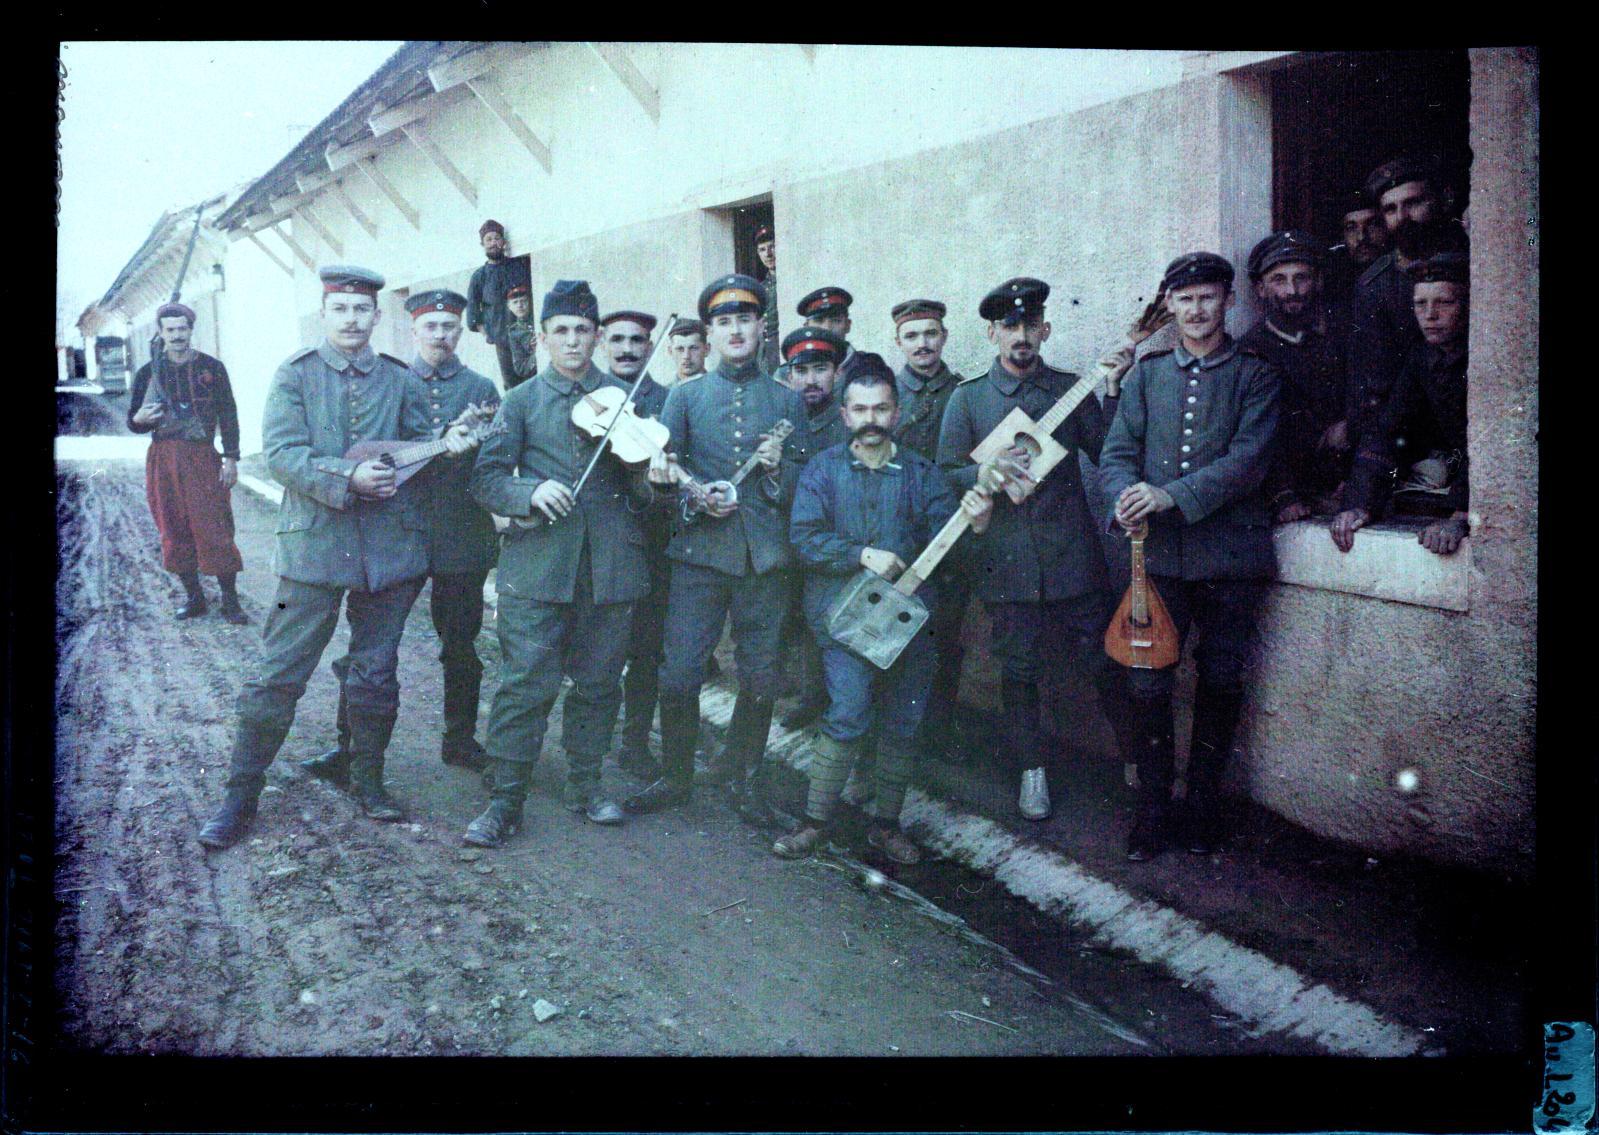 Albert Samama-Chikli (1872-1923), L'Orchestre du camp de prisonniers allemands de Tizi-Ouzou 14-18, autochrome.